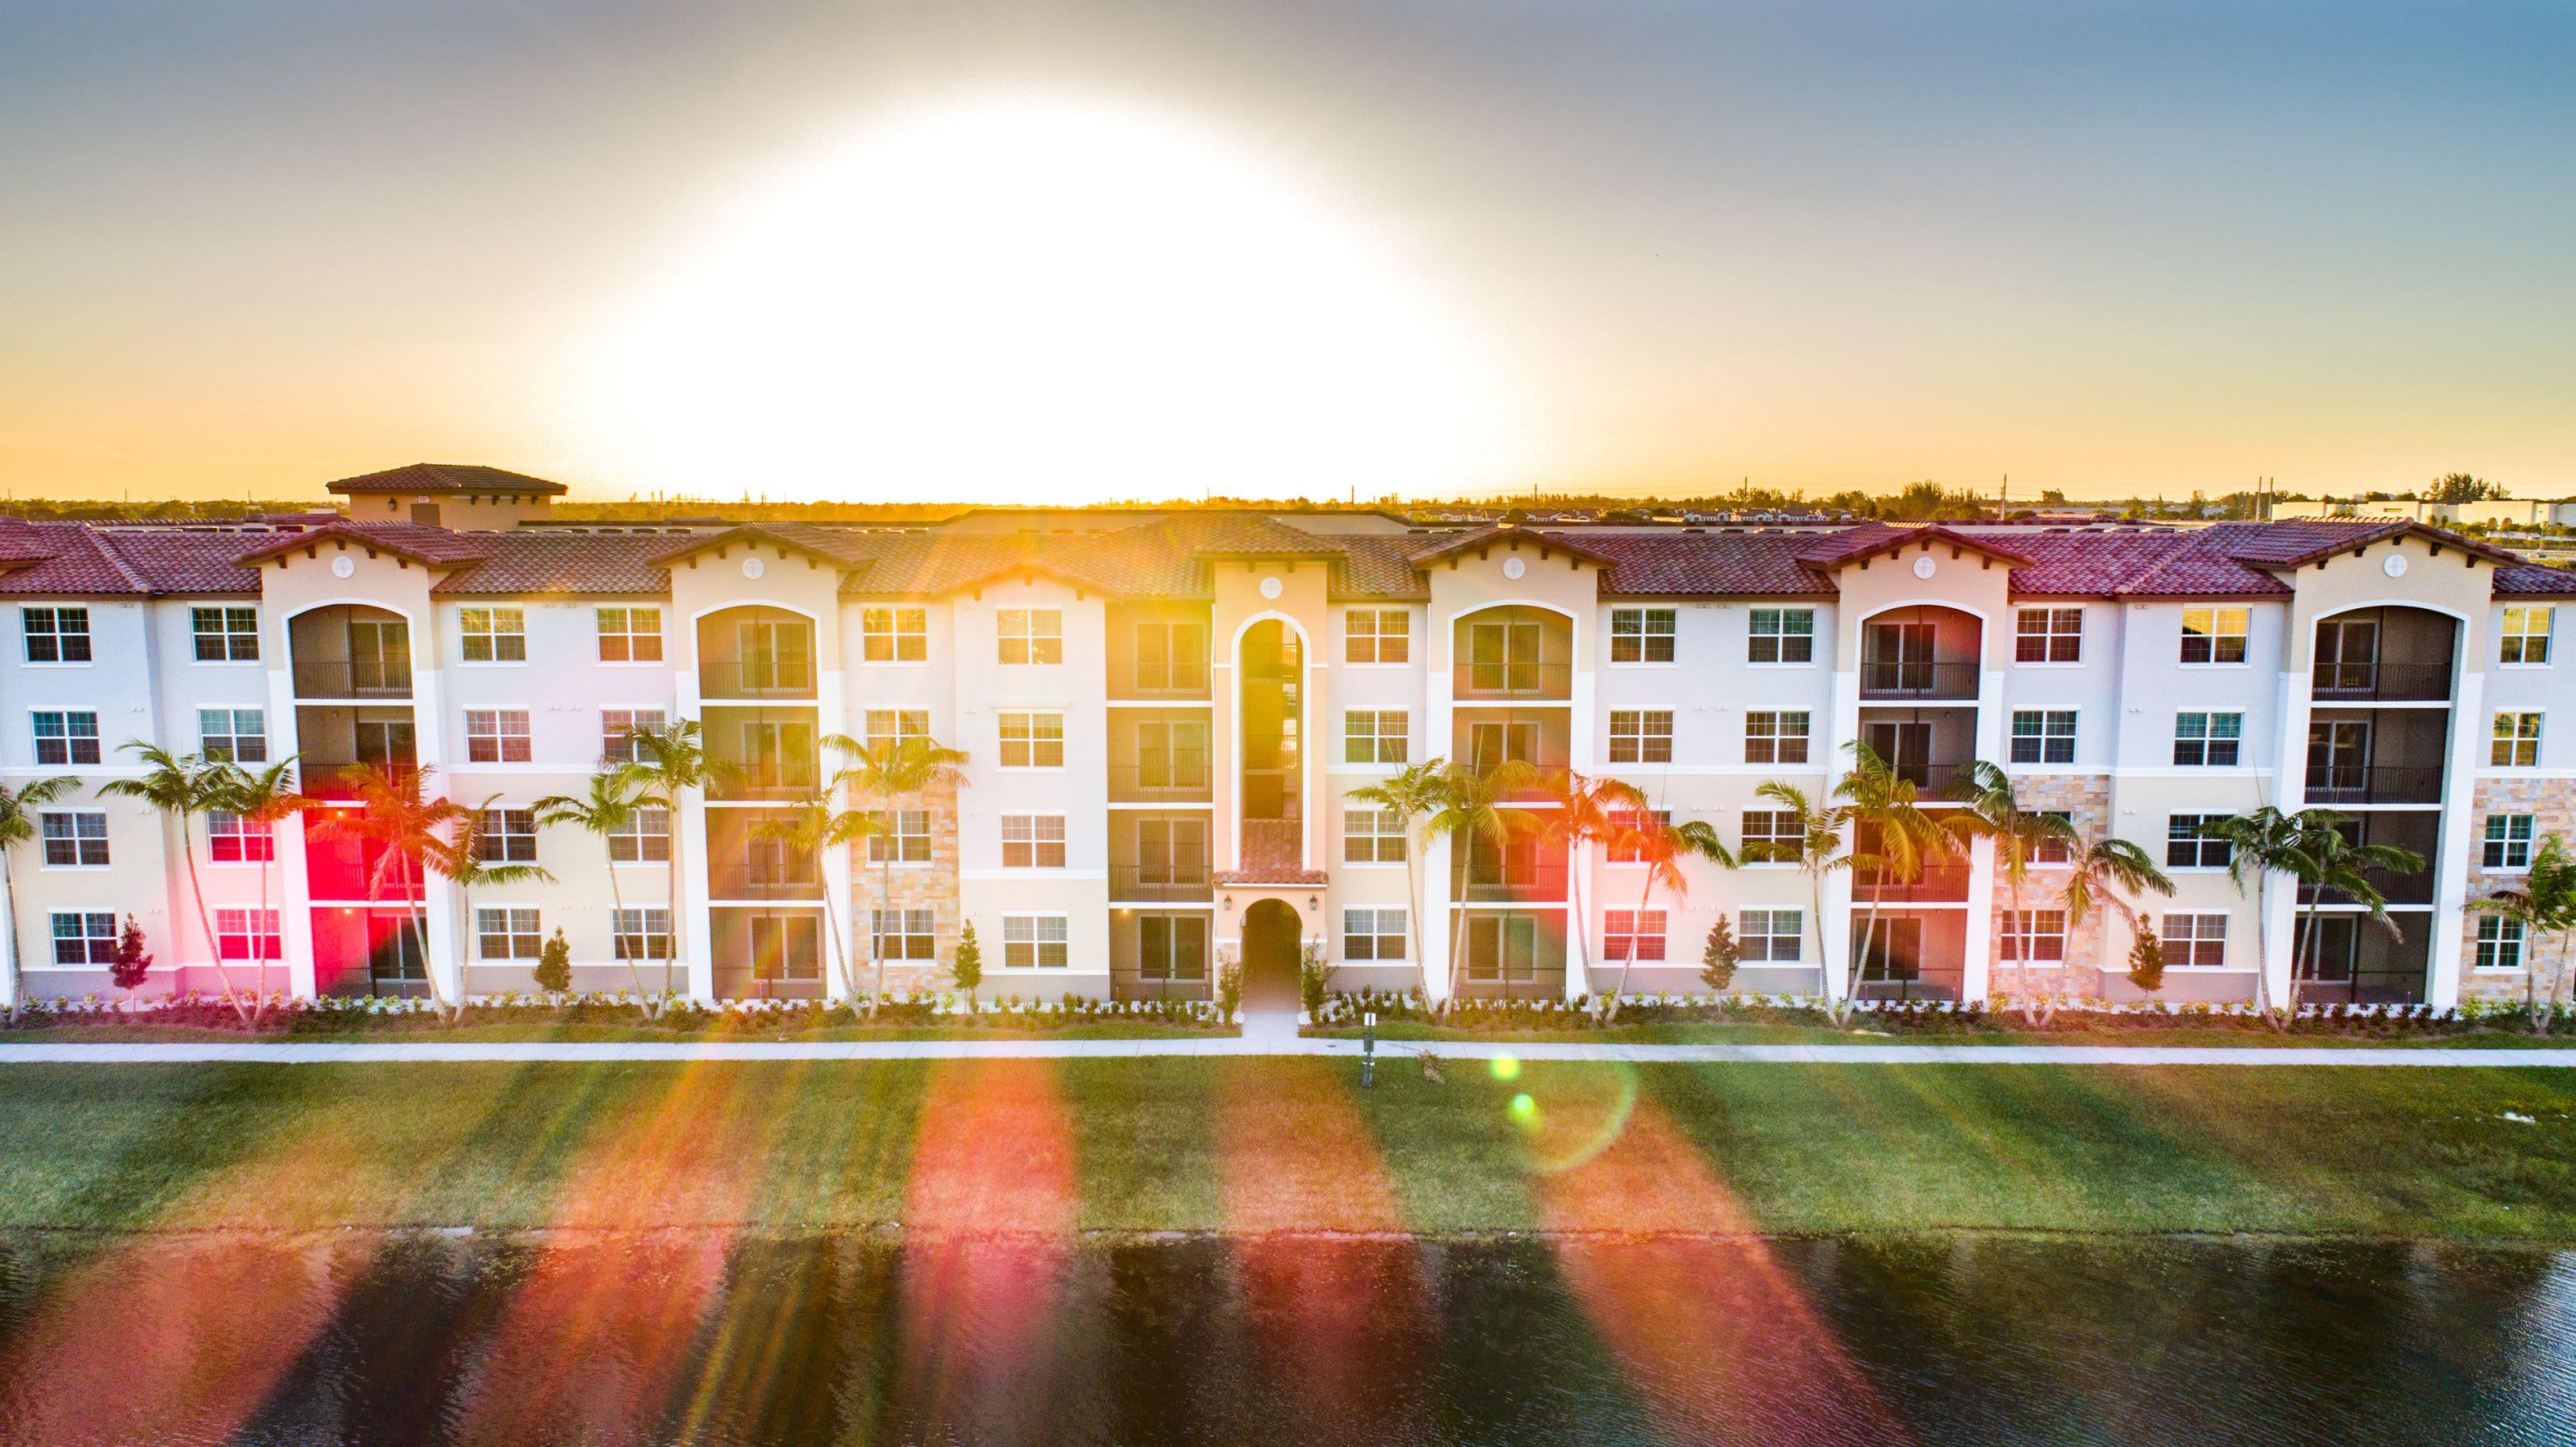 Stunning Exteriors of Luma Miramar Apartments in Miramar, Florida